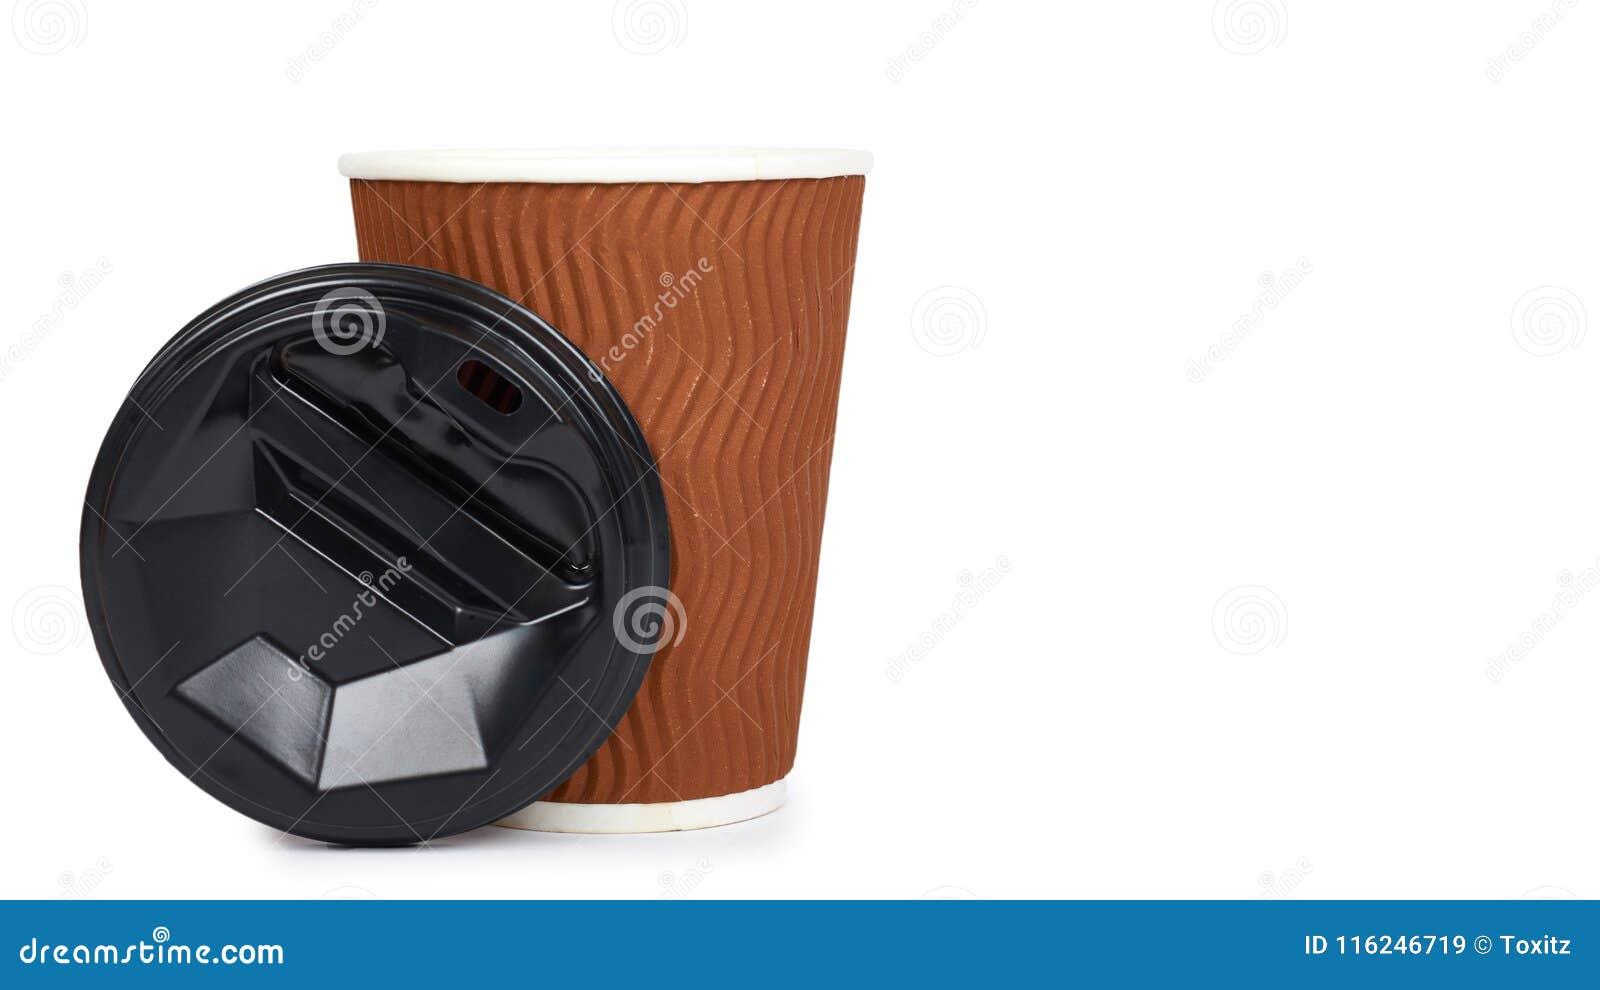 Remova o café no copo thermo Isolado em um fundo branco Recipiente descartável, bebida quente copie o espaço, molde